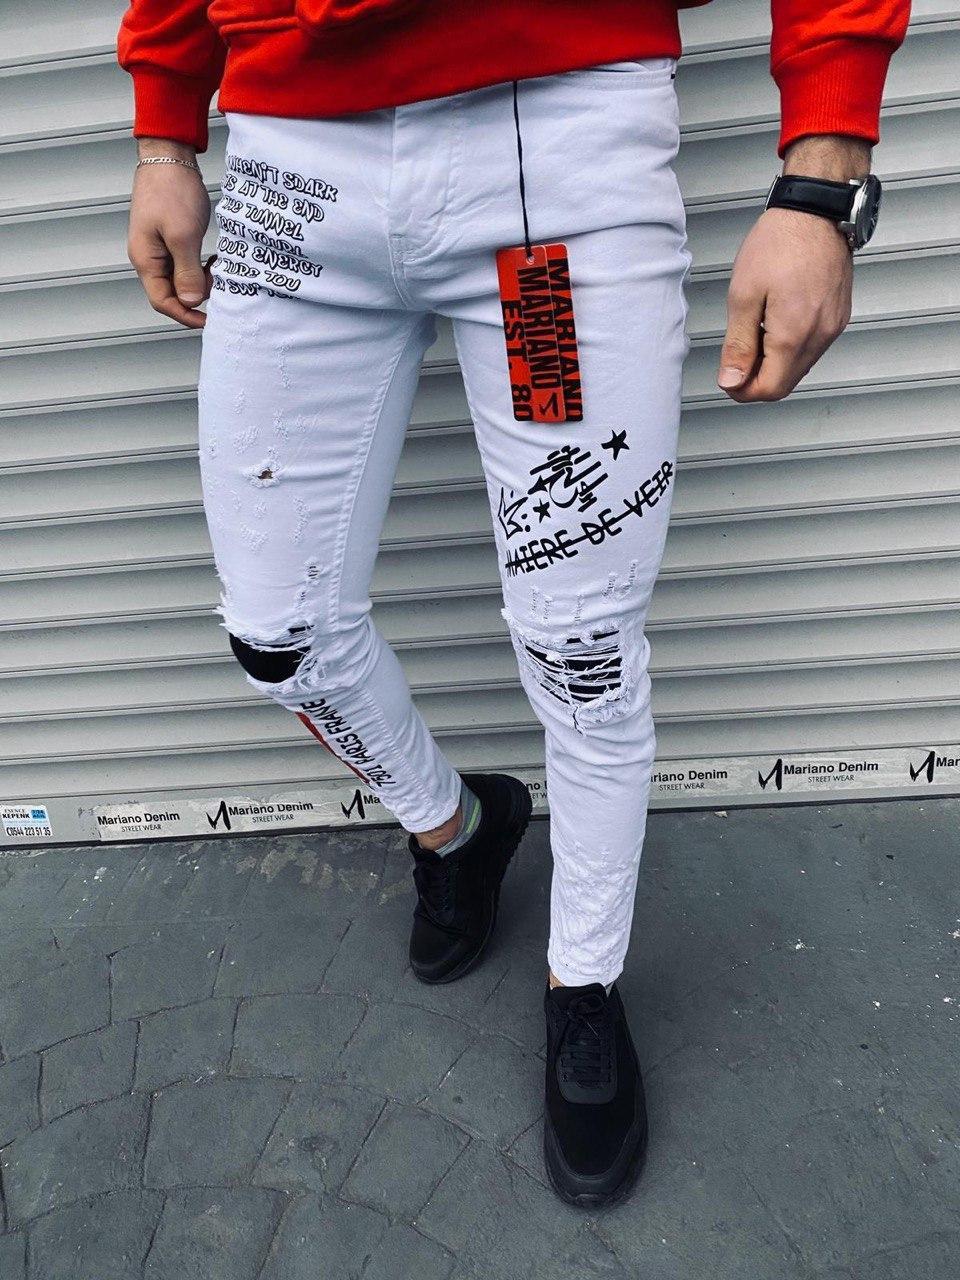 😝 Джинсы - Мужские штаны (белые) с черными  надписями и вставками